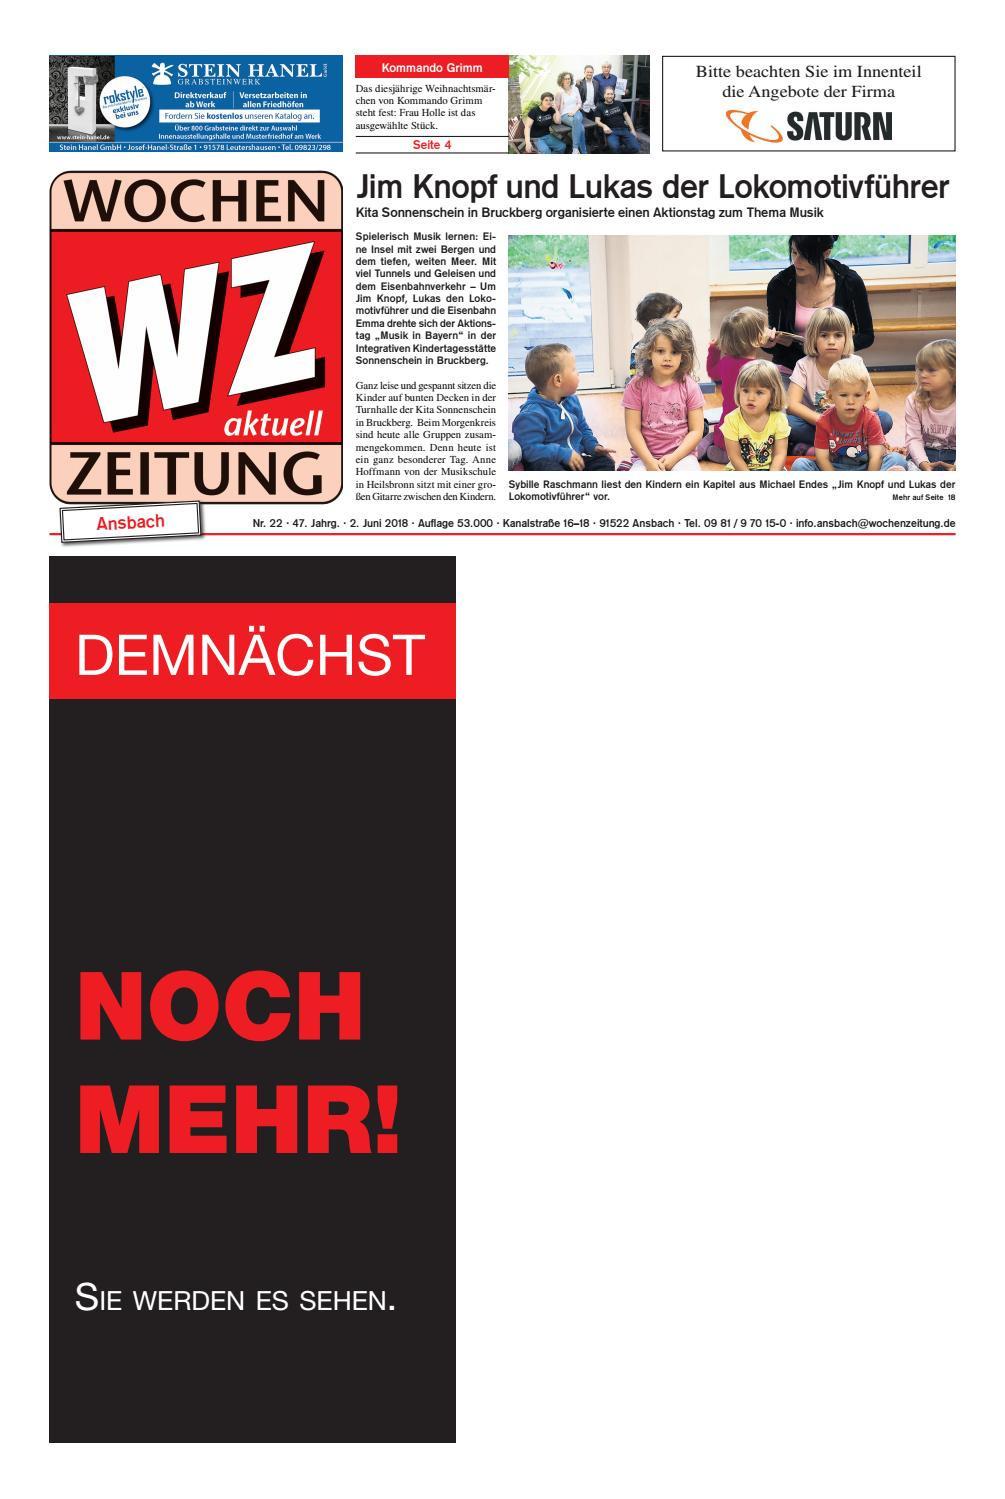 Jim Knopf Ausmalbild Genial Ausmalbilder Jim Knopf Genial Wochenzeitung Ansbach Kw 22 18 by Bild